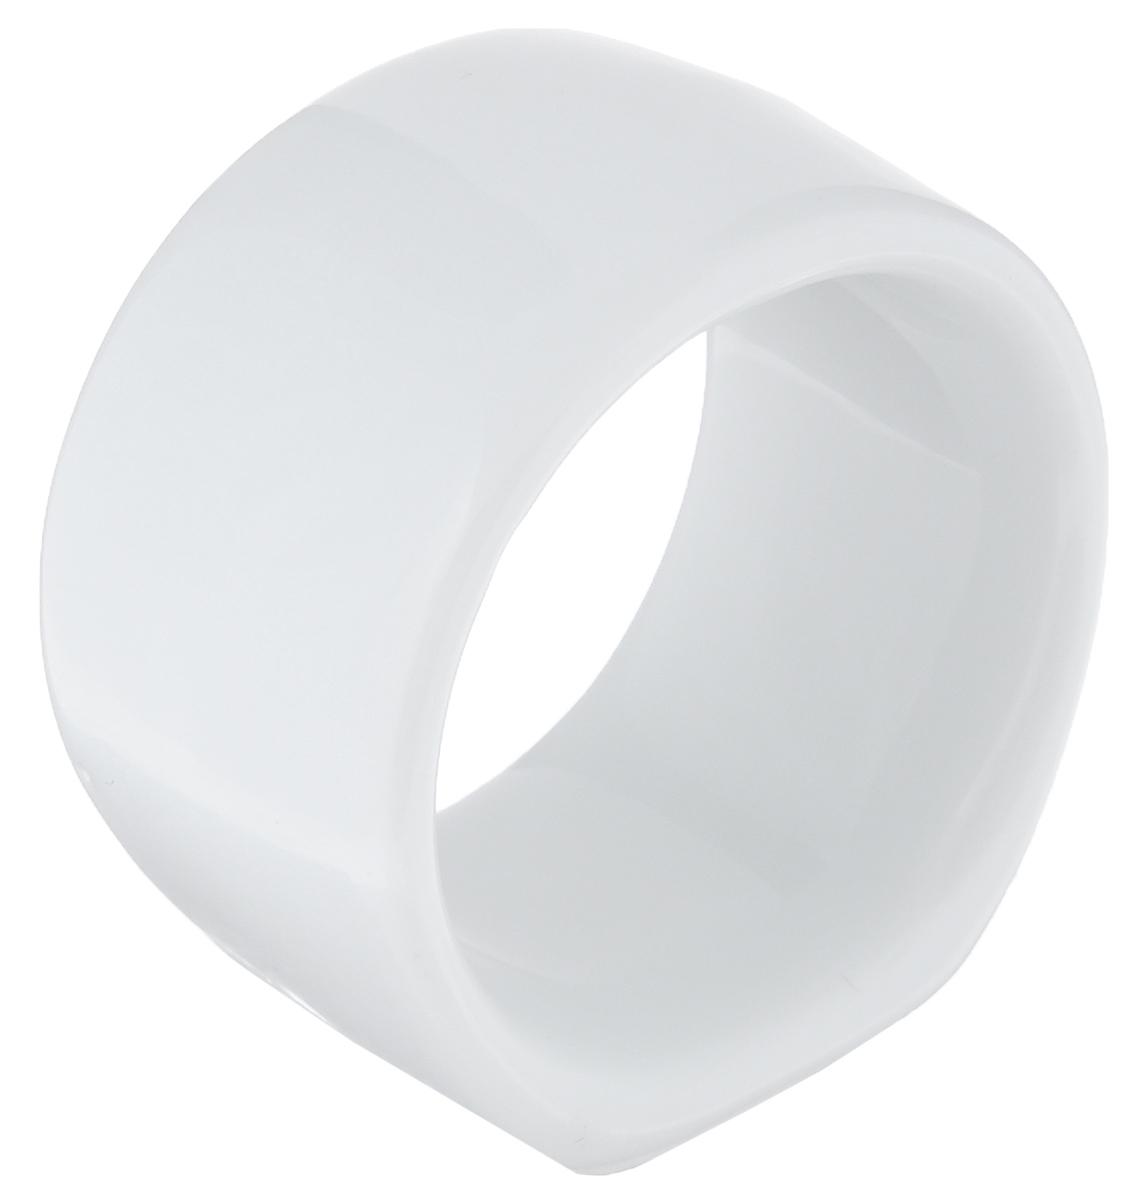 Кольцо для салфеток La Rose Des Sables Vendanges, цвет: белый, диаметр 4 см48235Кольцо для салфеток La Rose Des Sables Vendanges выполнено из высококачественного фарфора с простотой и изяществом. Такое кольцо станет замечательной деталью сервировки и великолепным украшением праздничного стола. Внешний диаметр кольца: 4 см. Внутренний диаметр кольца: 3,5 см. Ширина кольца: 2,5 см.